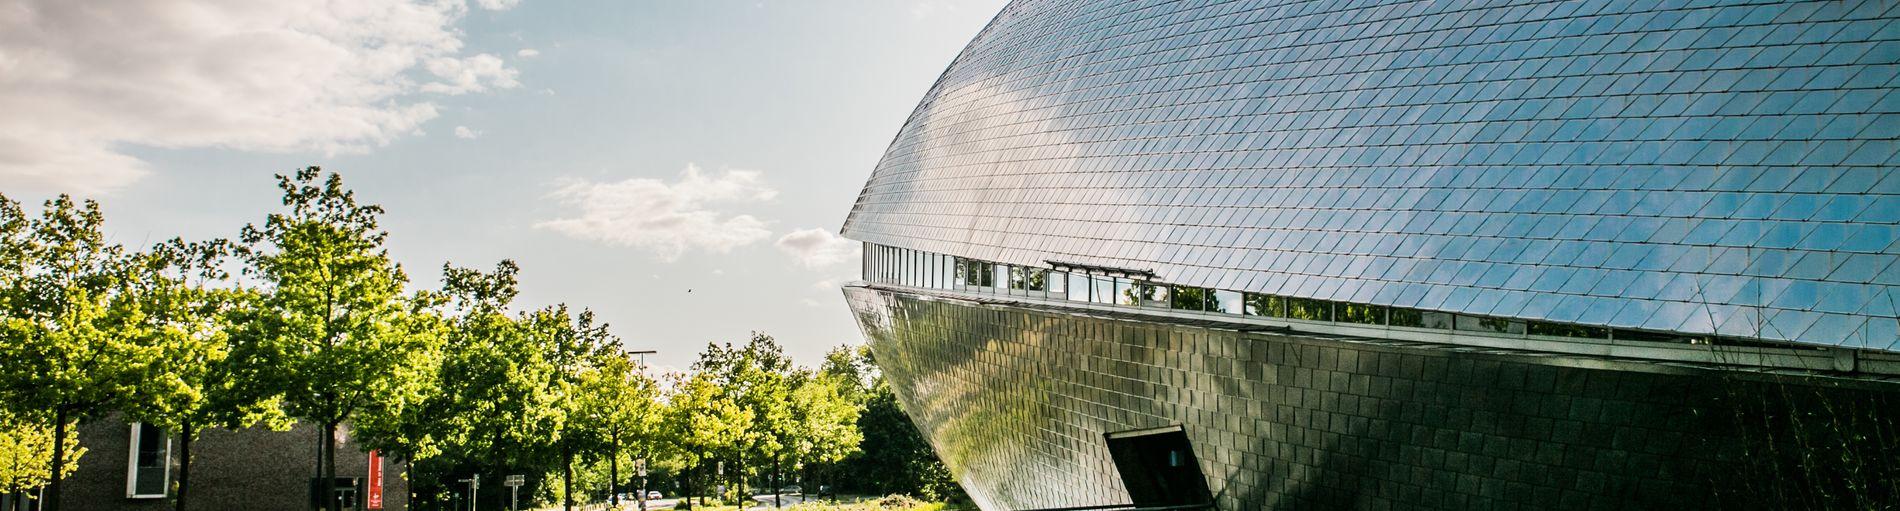 Das futuristische, walförmige Gebäude des Universum Bremen